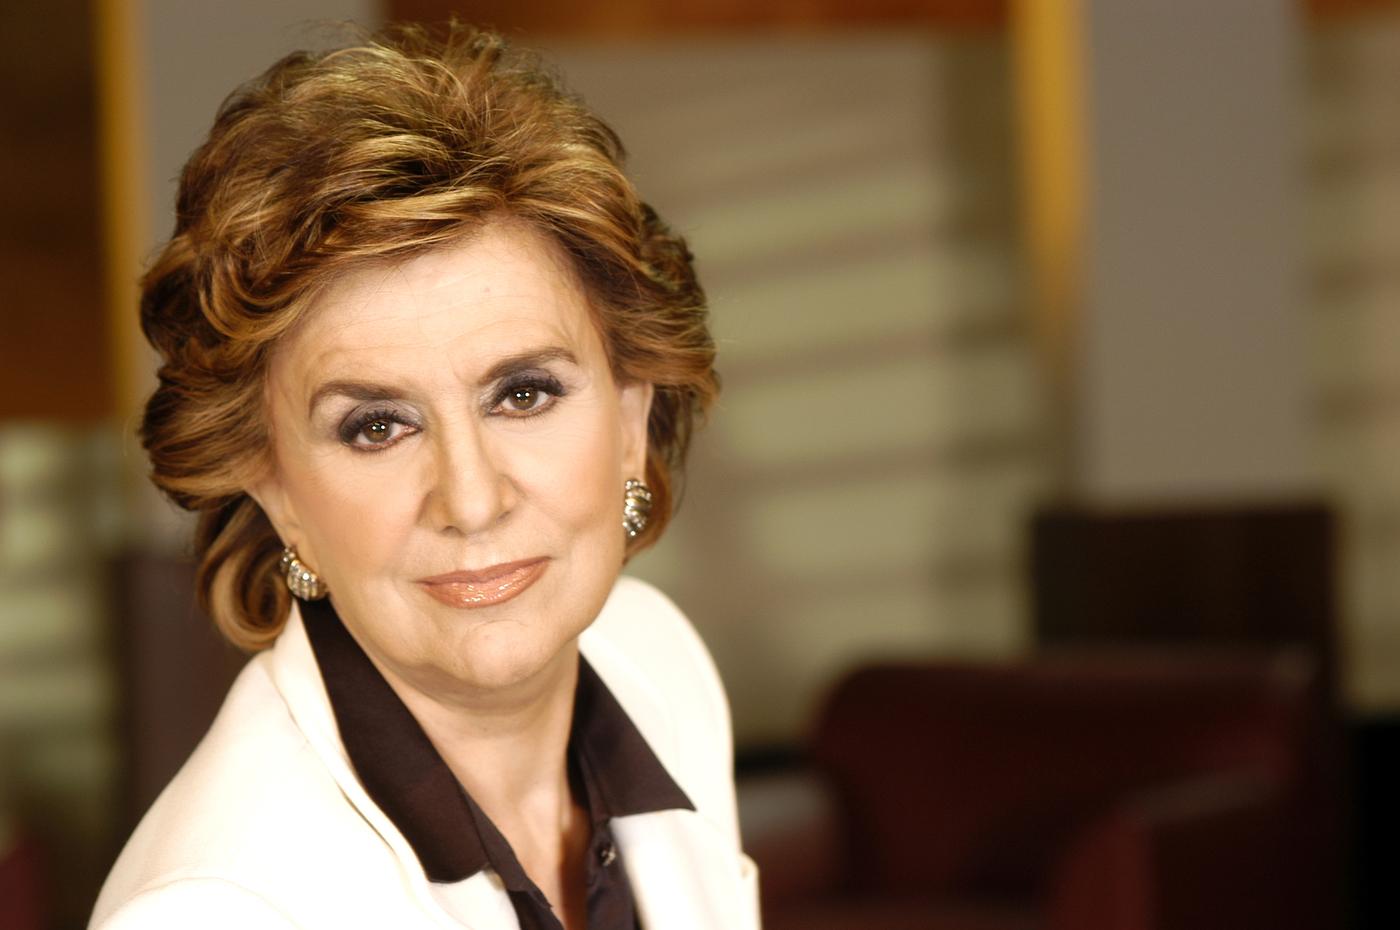 'Storie maledette' condotto da Franca Leosini, ecco le anticipazioni sulla storia maledetta di questa sera